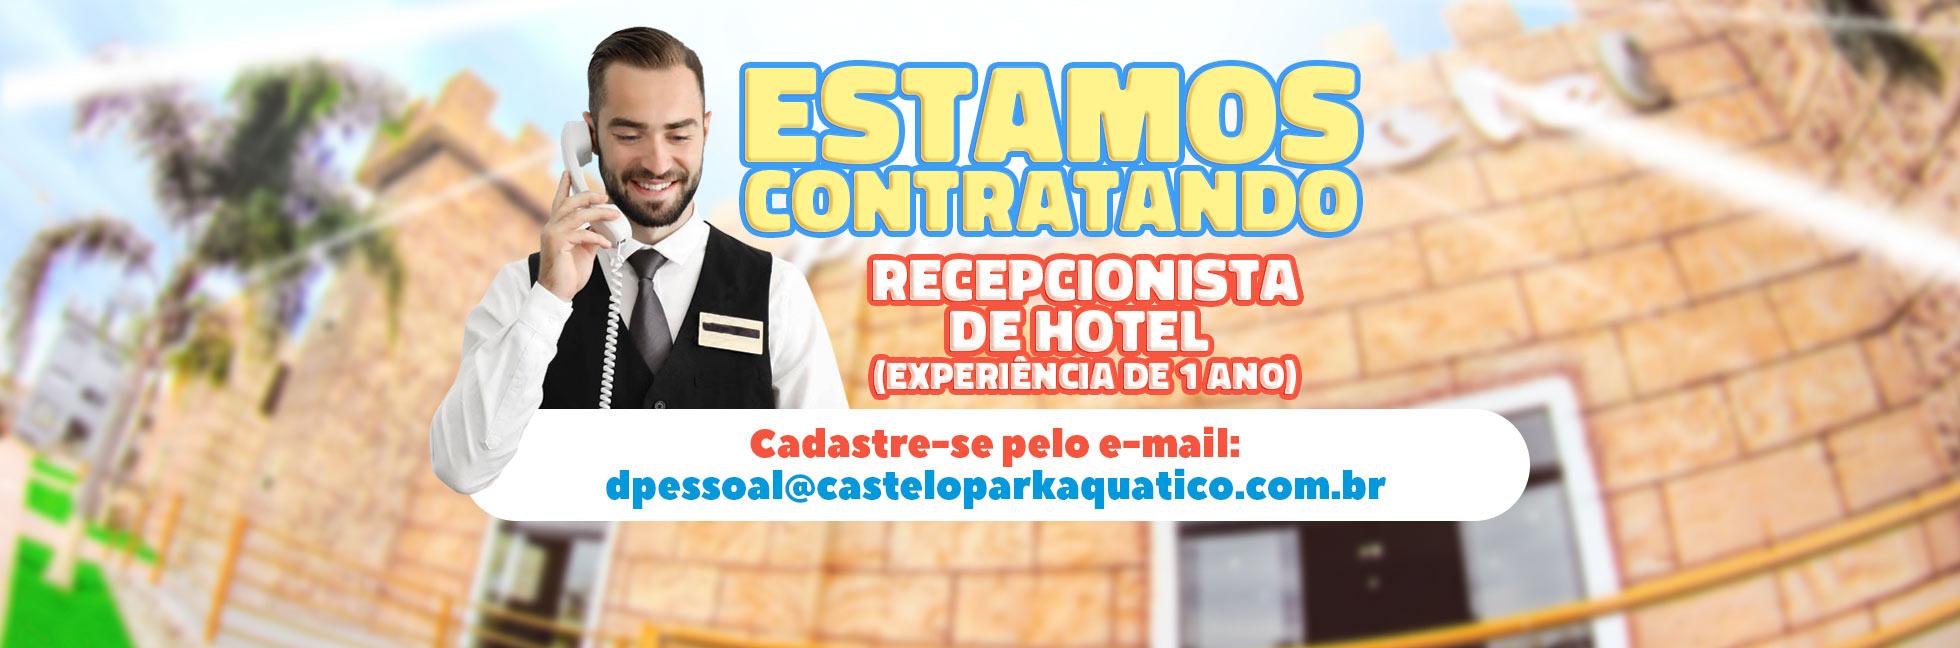 Vaga Recepcionista de Hotel